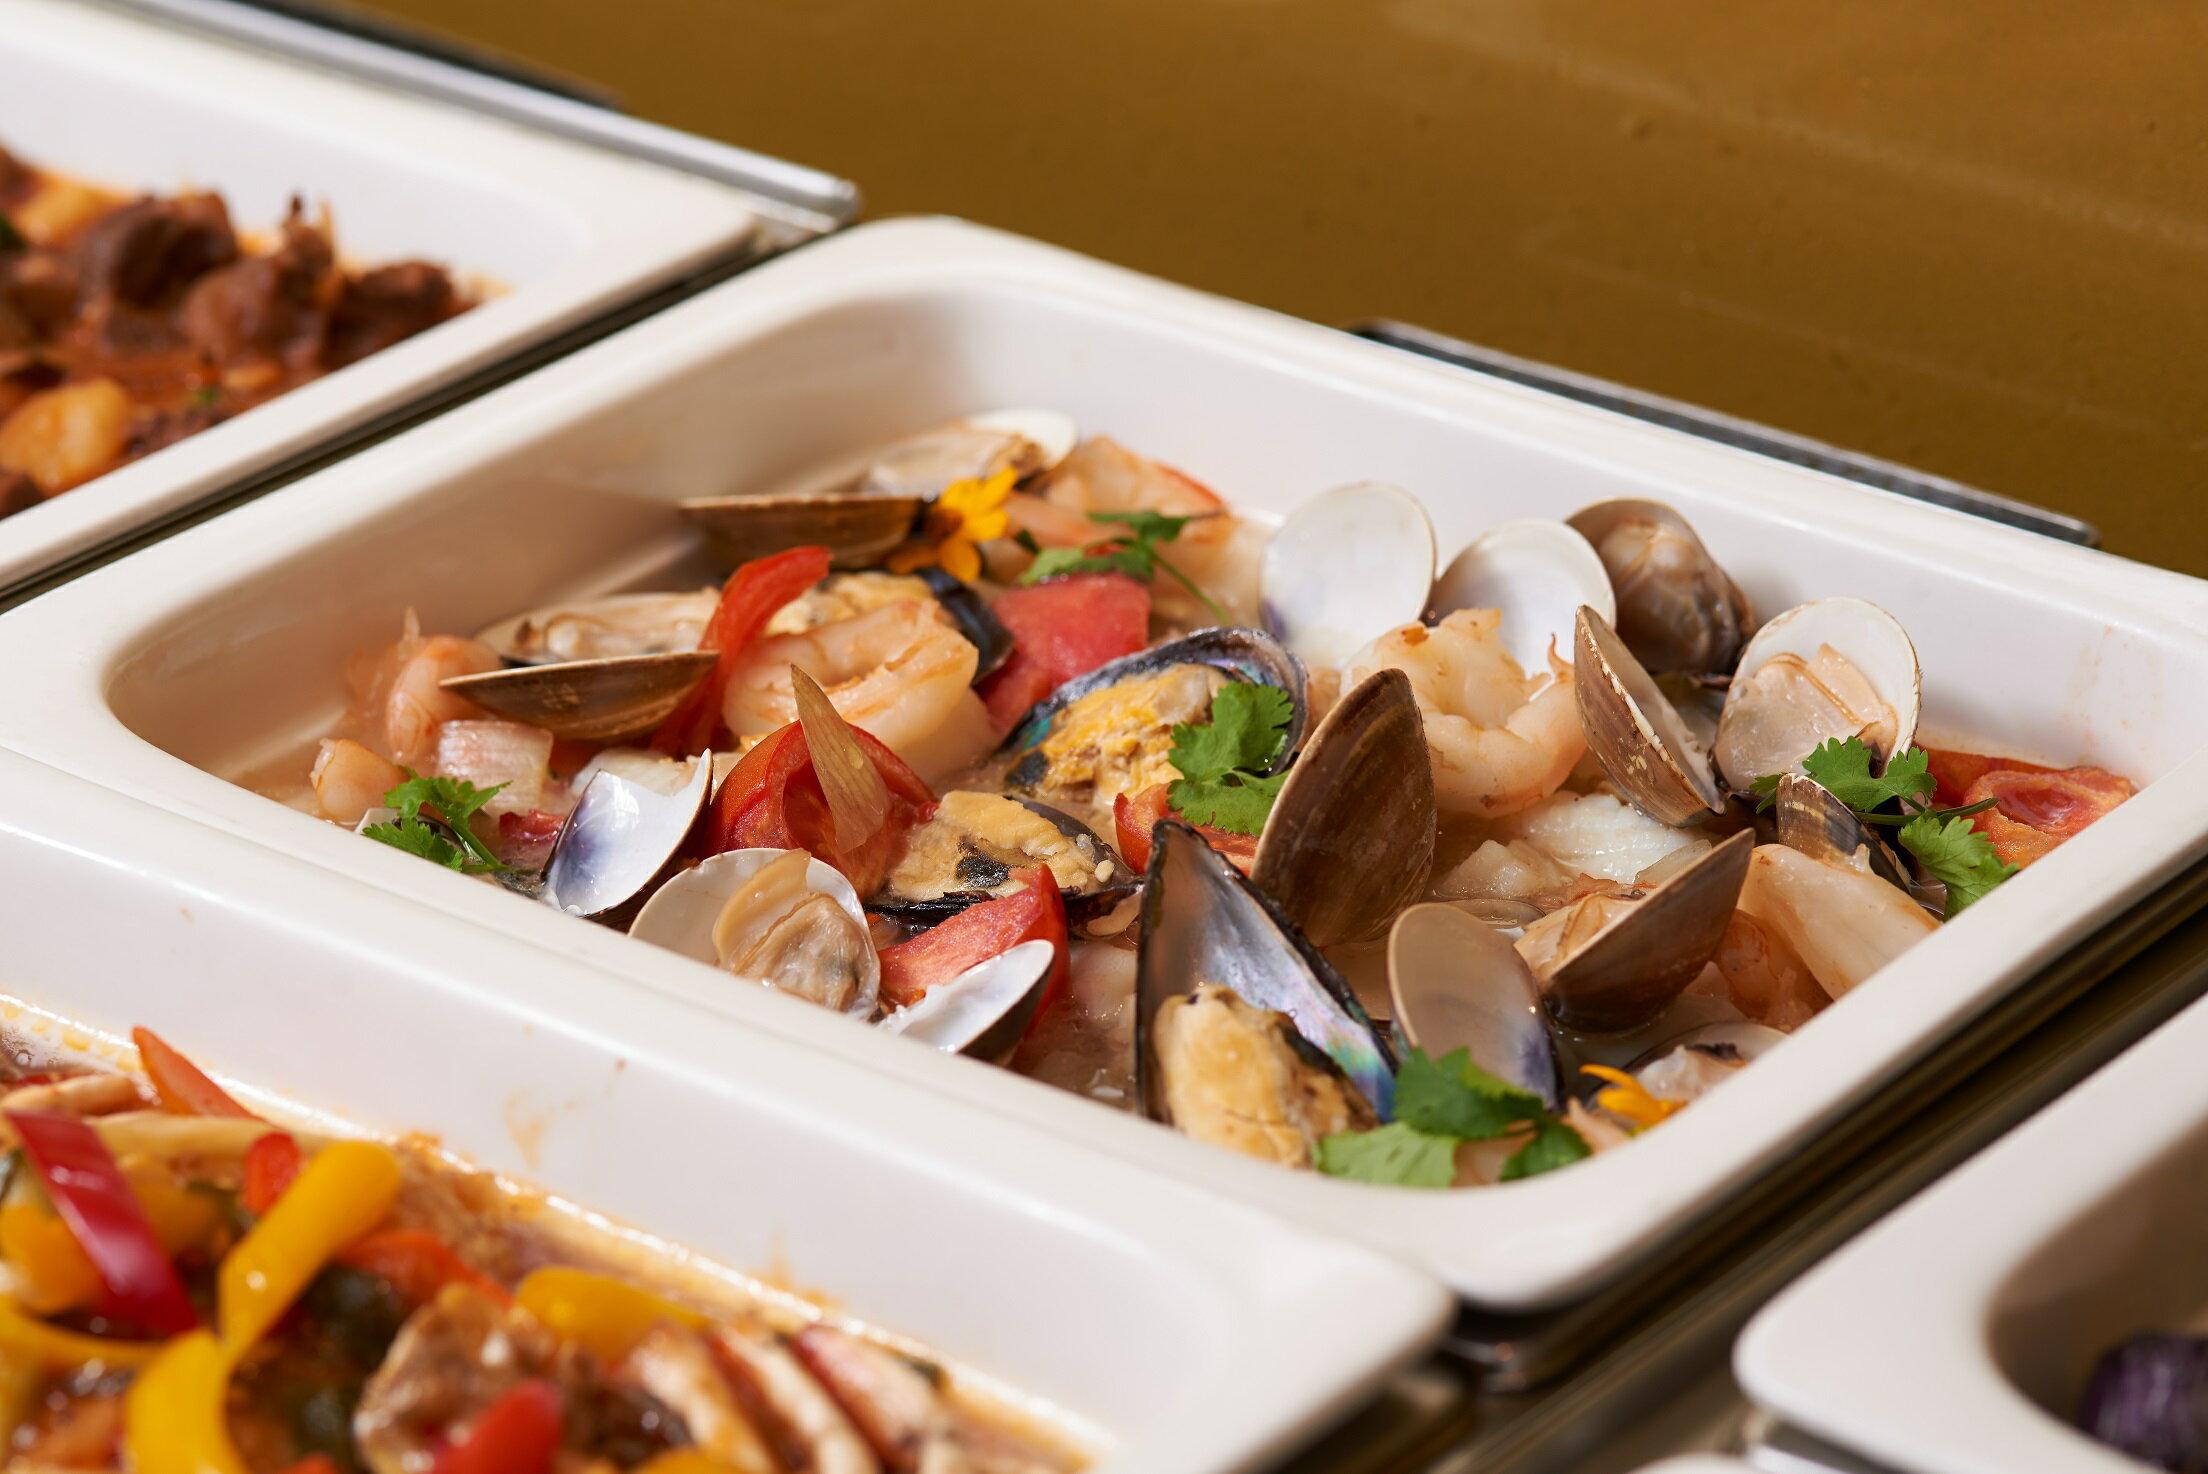 慶泰大飯店平日午晚餐券吃到飽金穗坊西餐廳